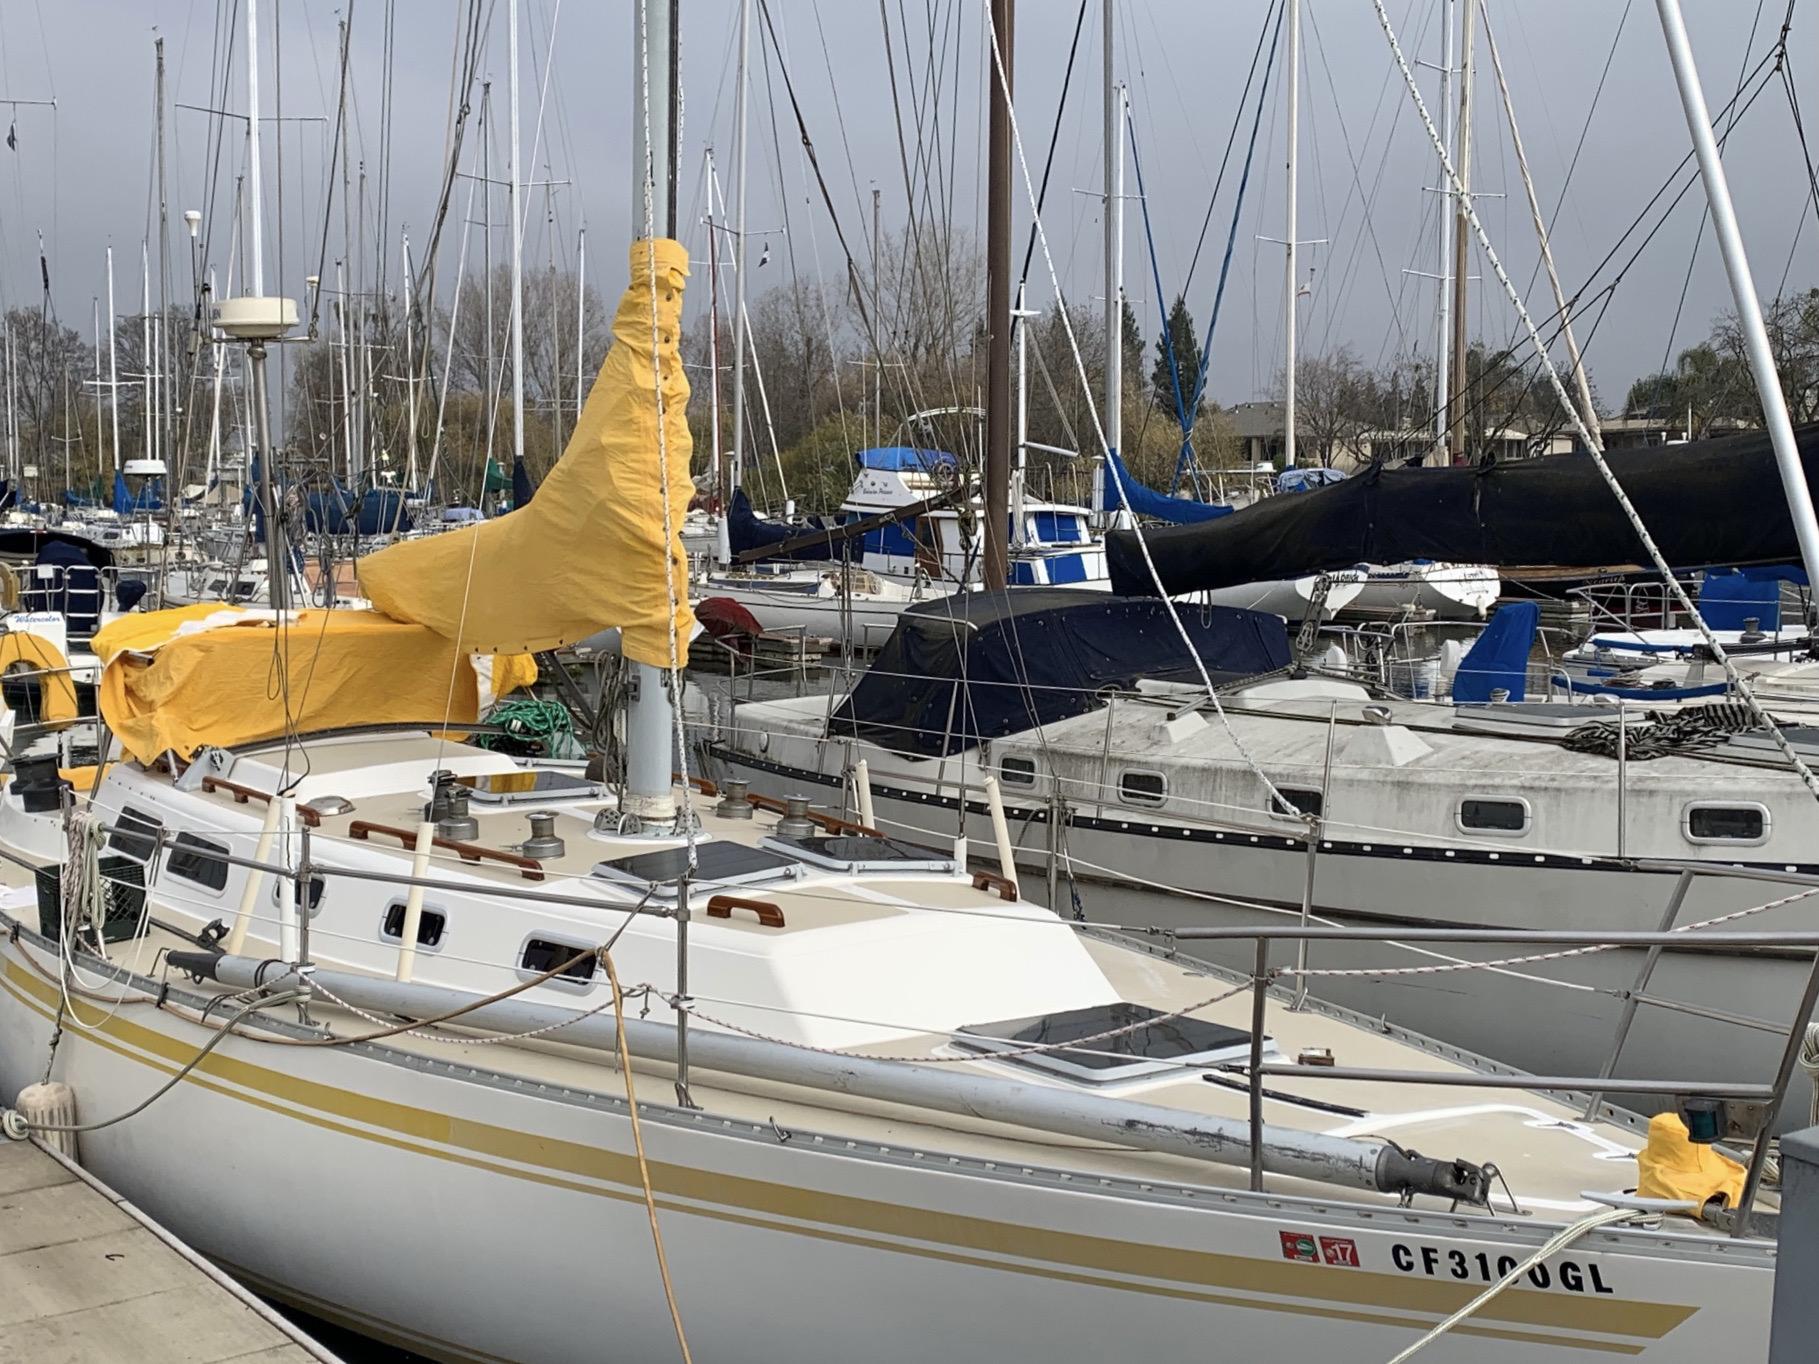 Namu II at the dock